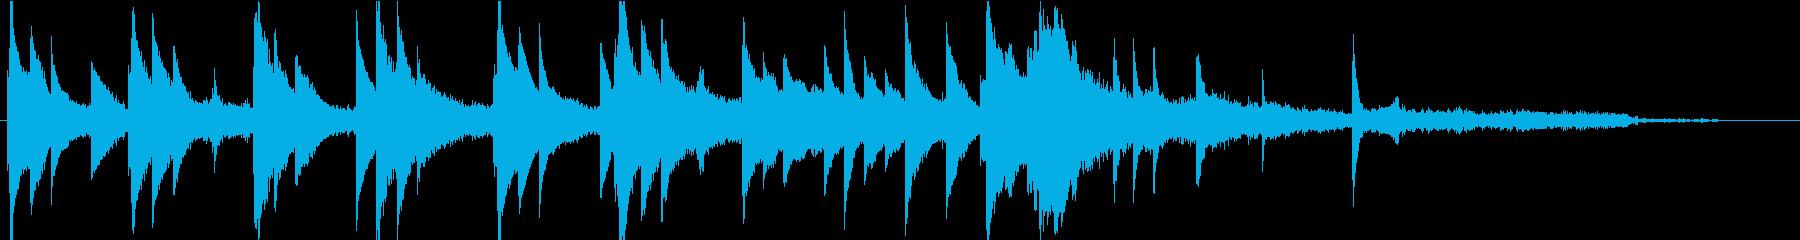 自然の恵みをイメージした短いピアノ曲の再生済みの波形